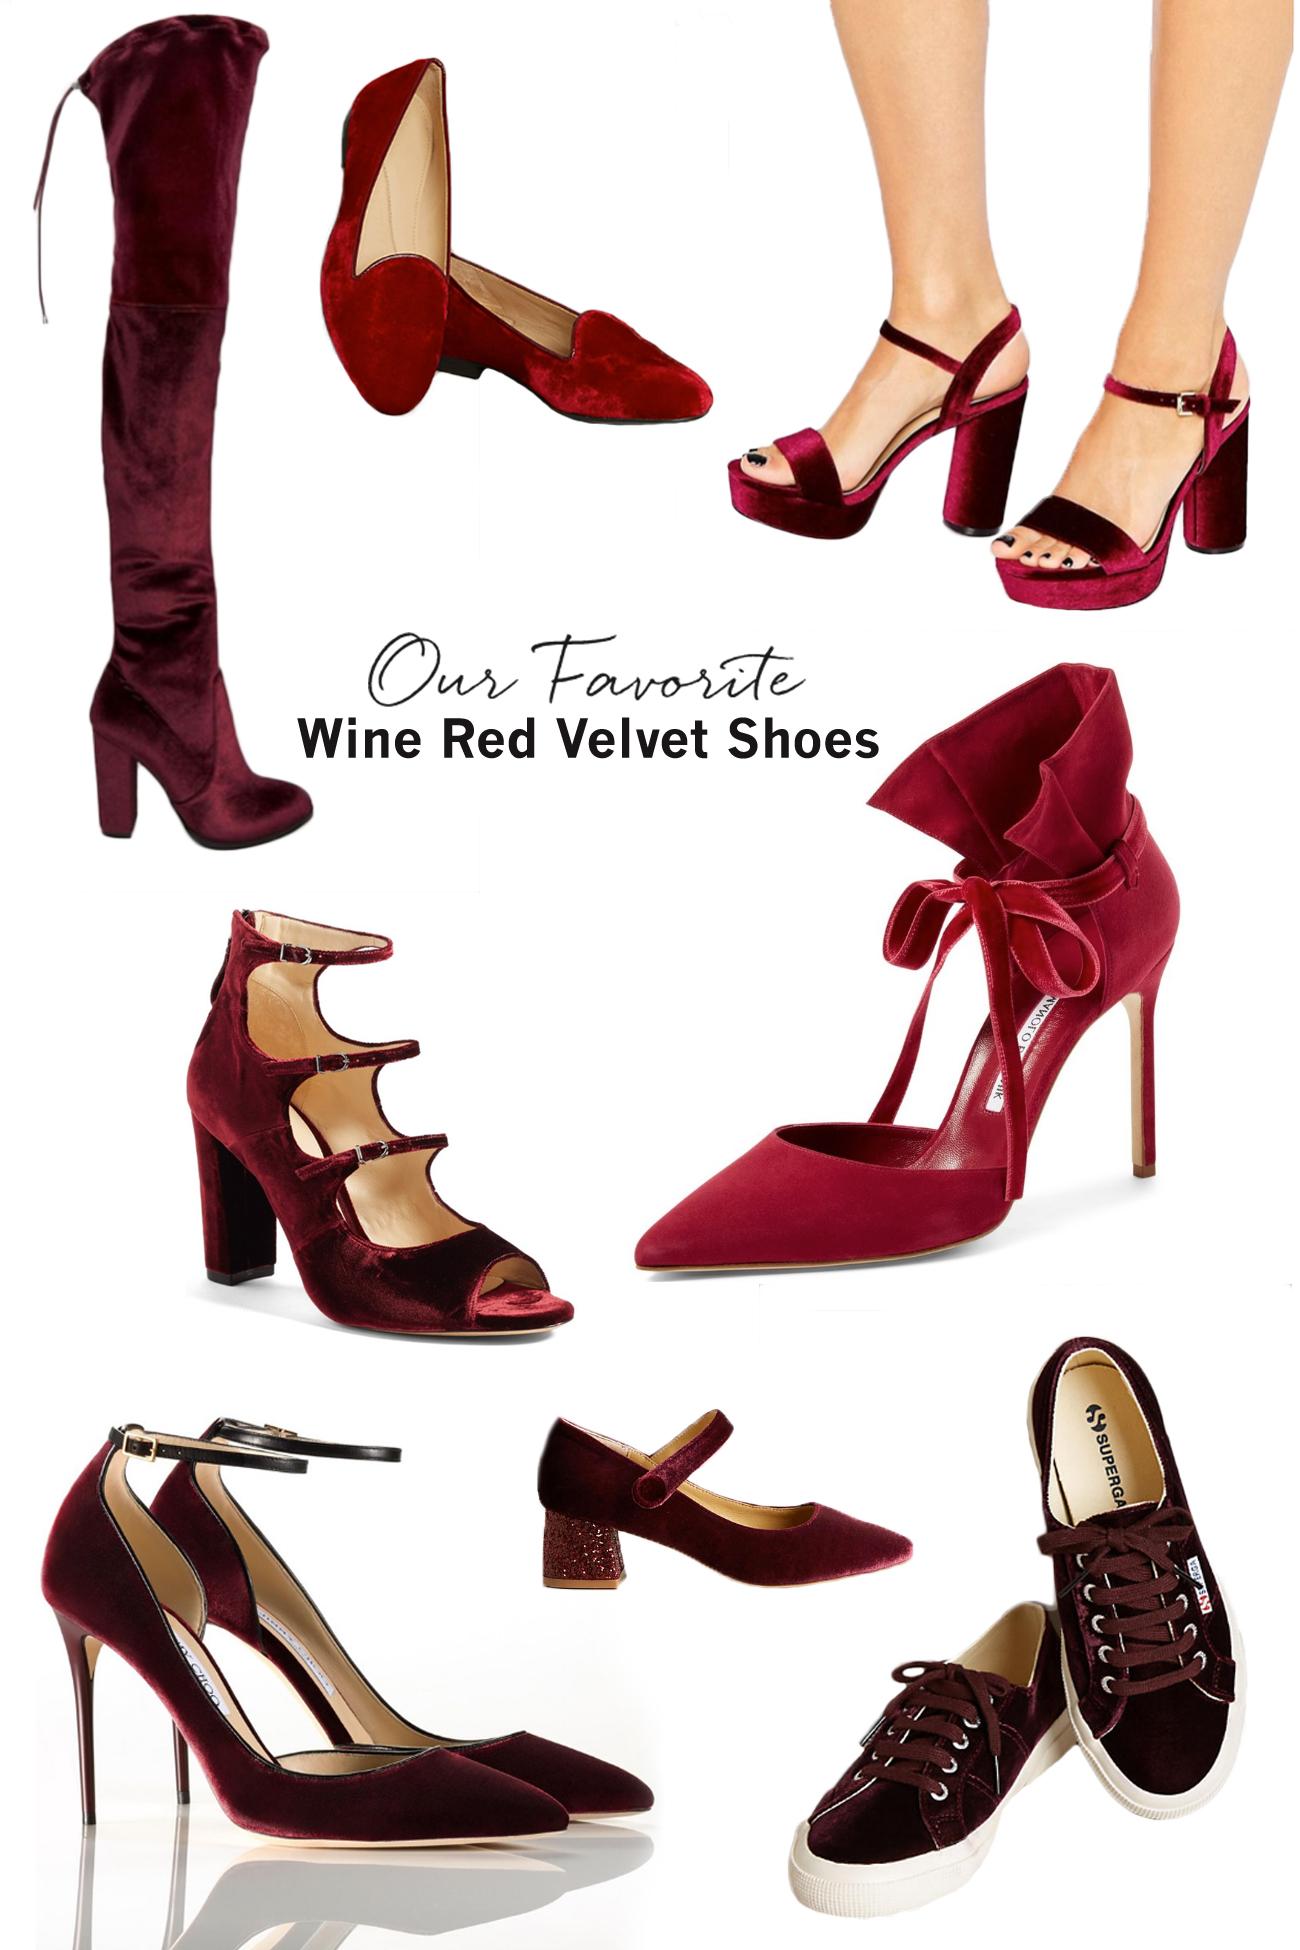 wine-red-velvet-shoes